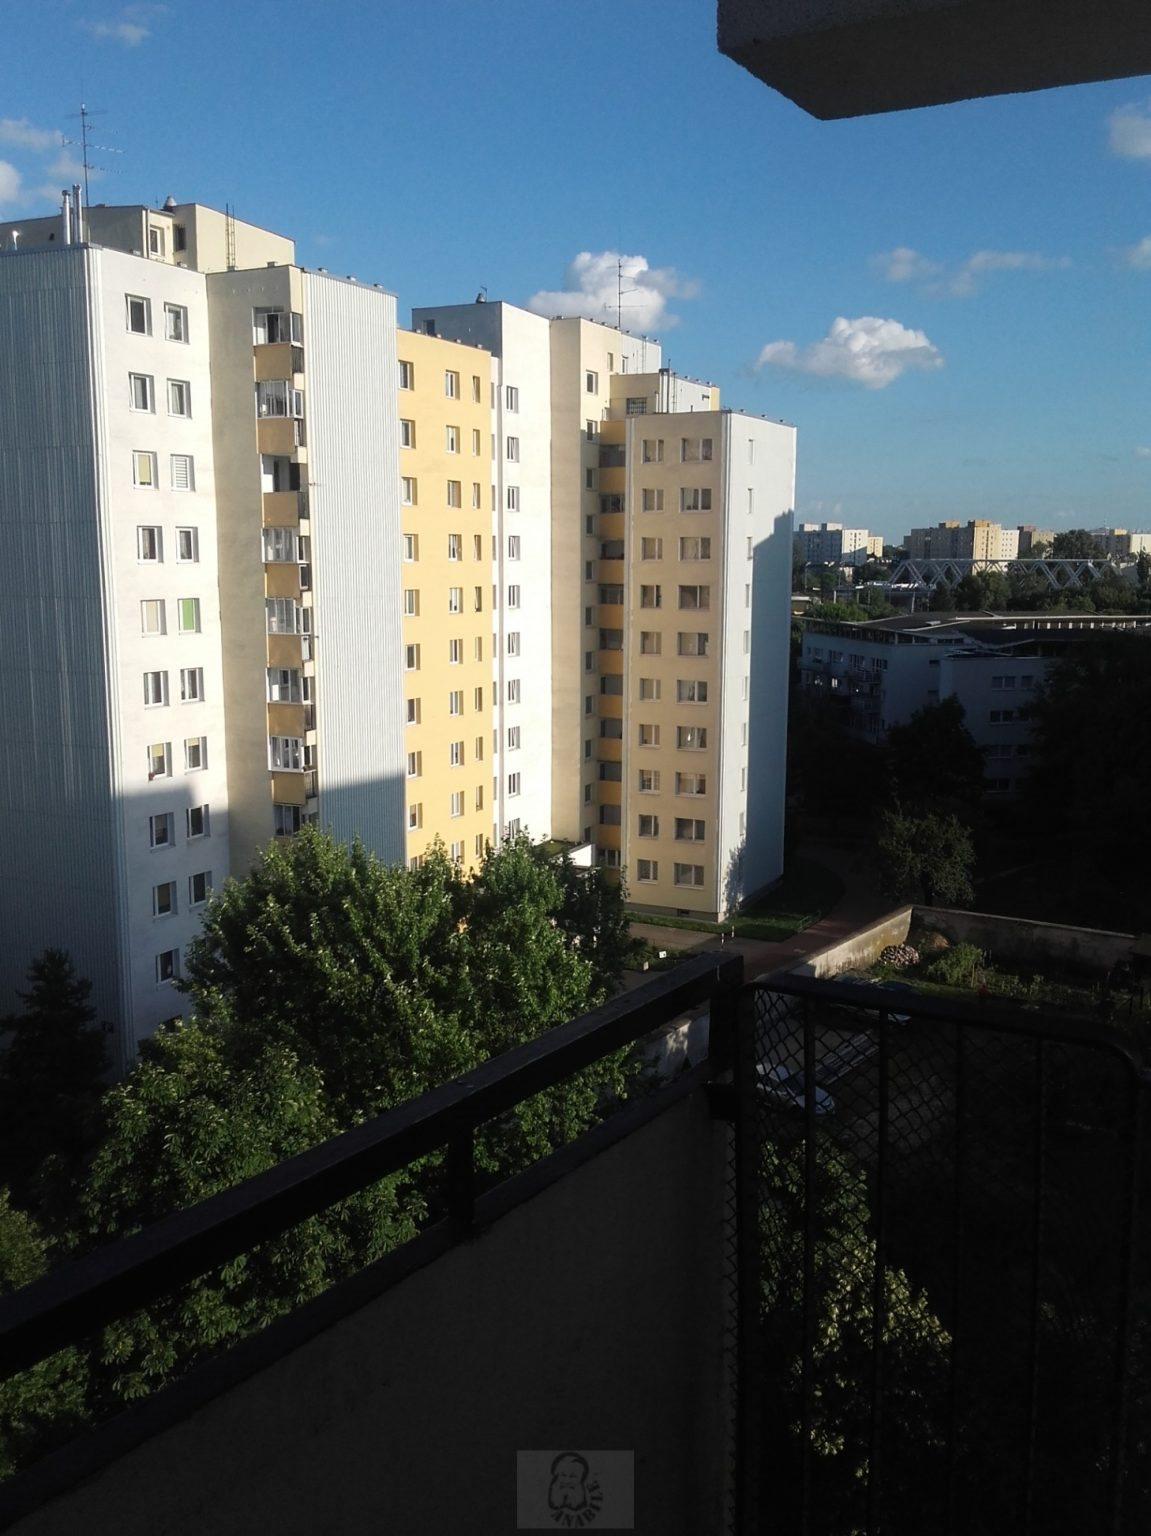 Pokój na wynajem Warszawa, Targówek, Junkiewicz  9m2 Foto 6